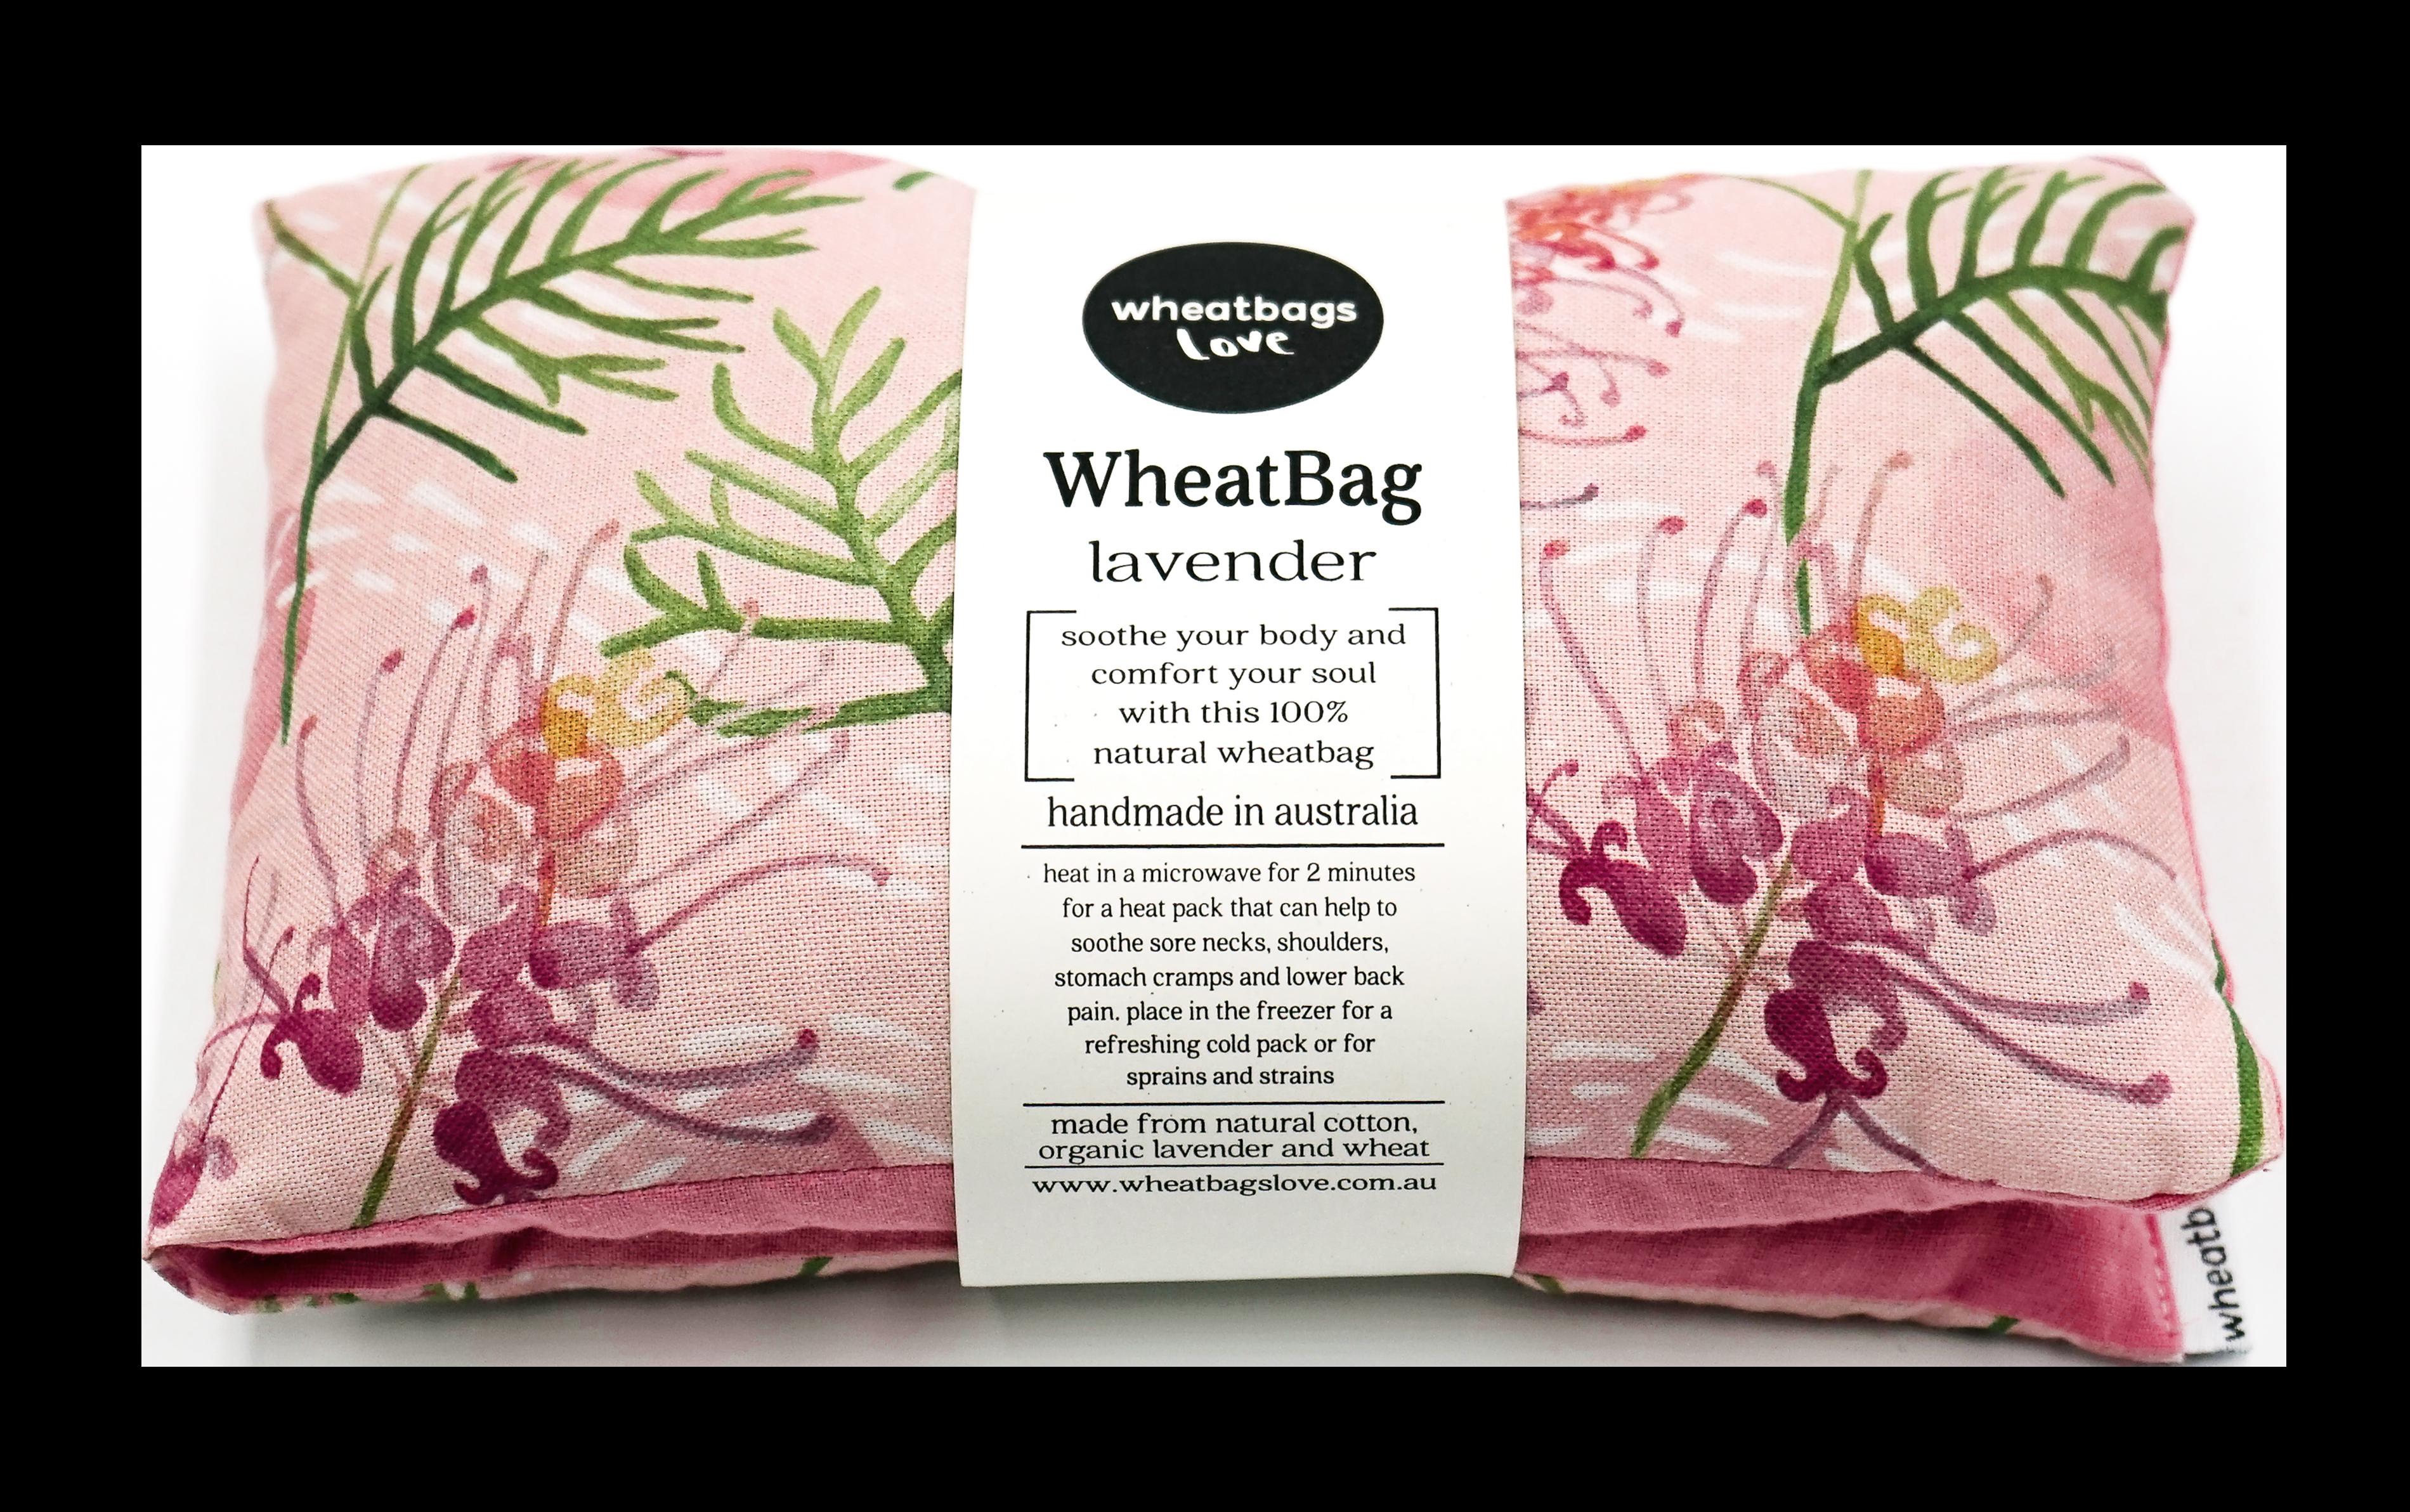 Grevillea WheatBag